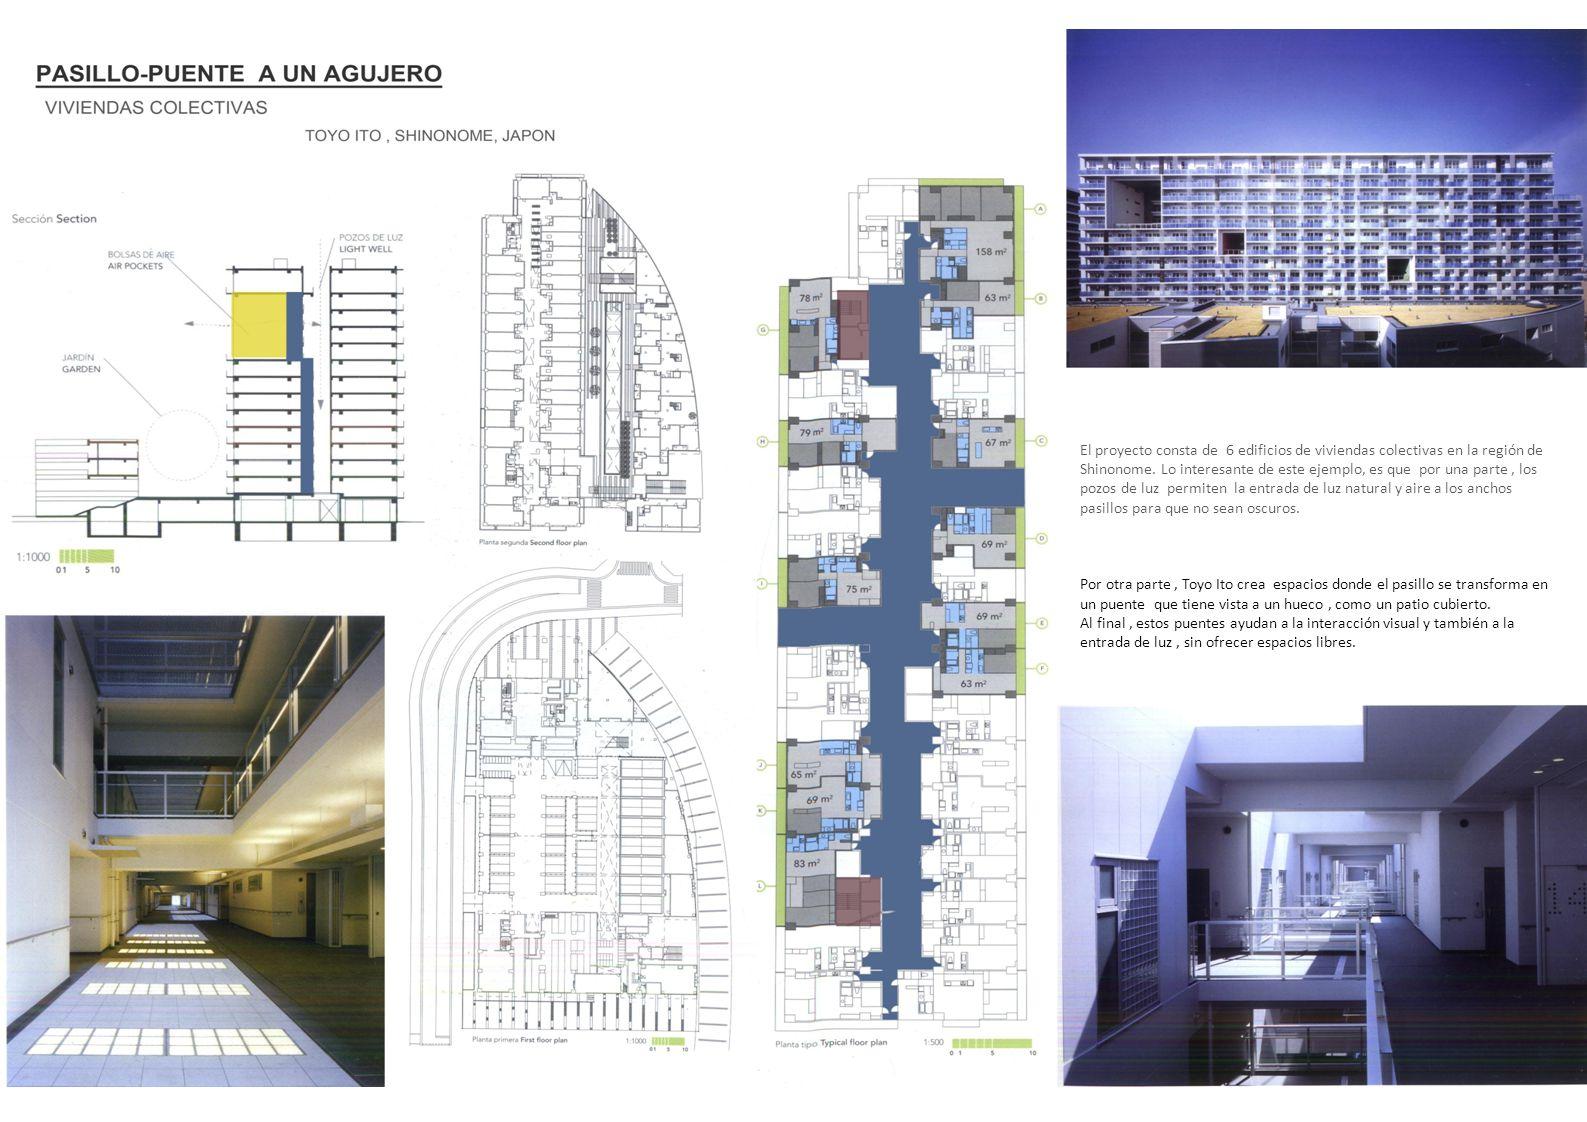 El proyecto consta de 6 edificios de viviendas colectivas en la región de Shinonome. Lo interesante de este ejemplo, es que por una parte, los pozos d